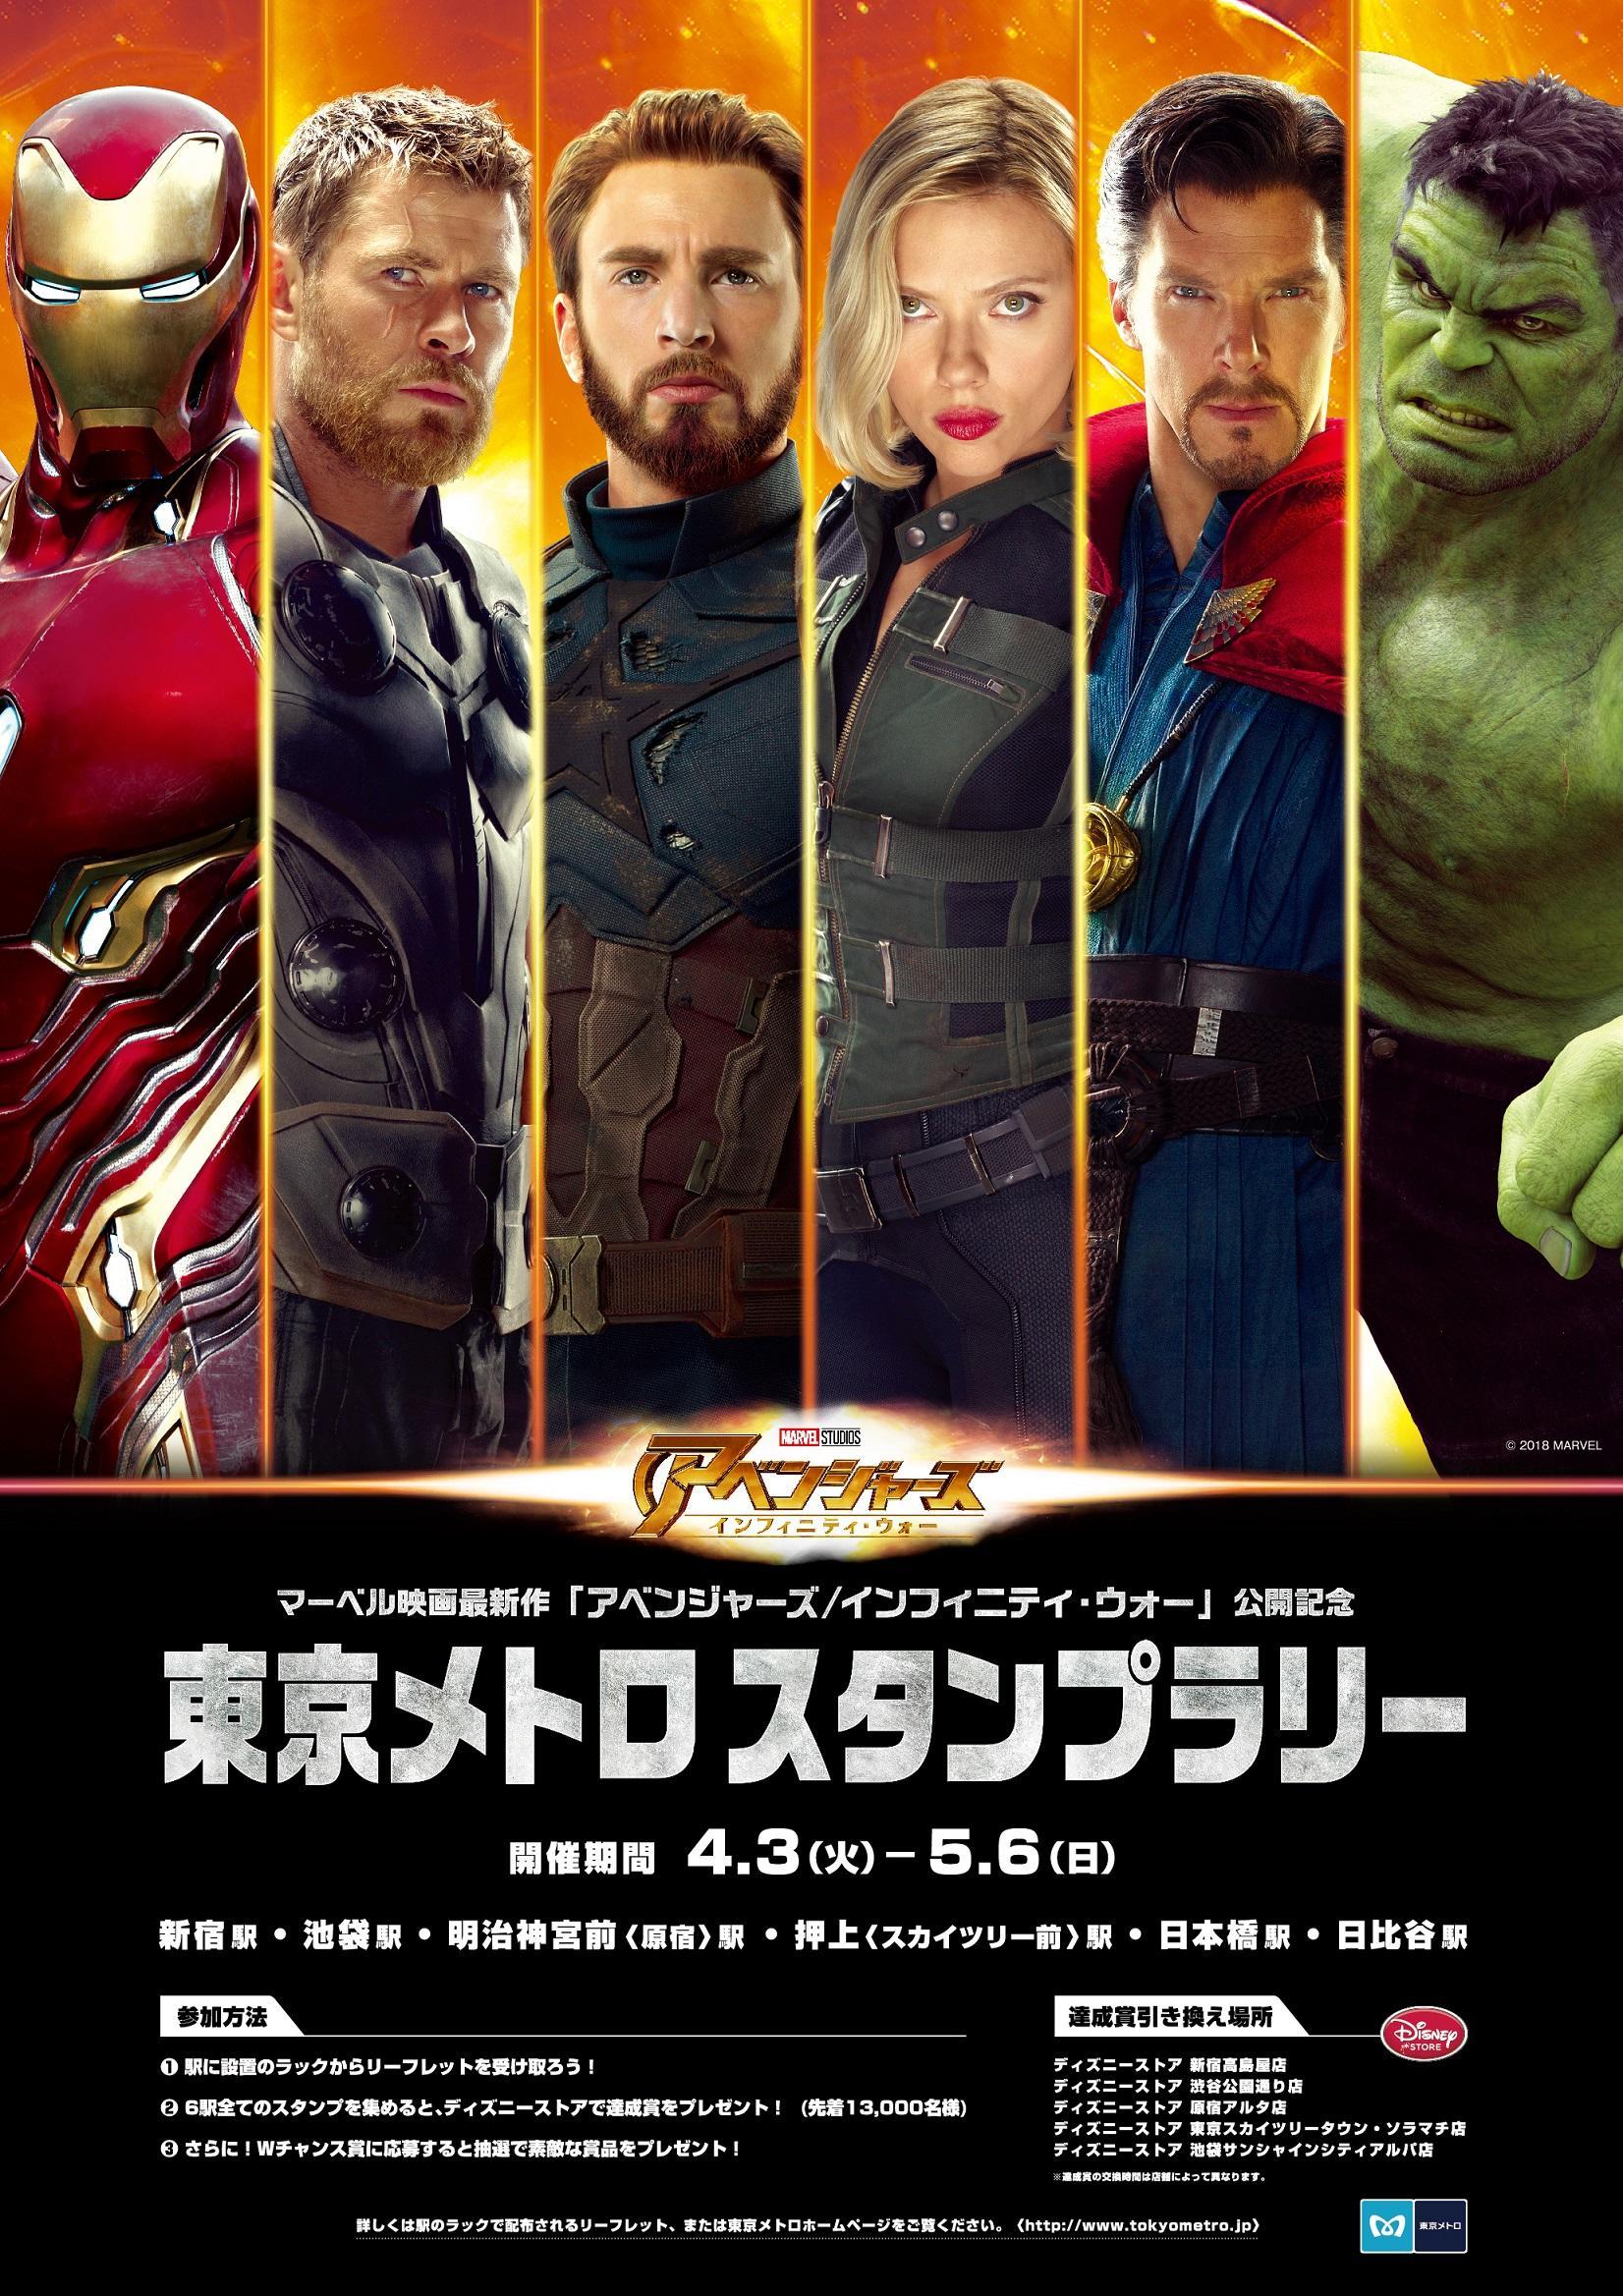 https://www.tokyometro.jp/news/images_h/metroNews20180316_32_1.jpg